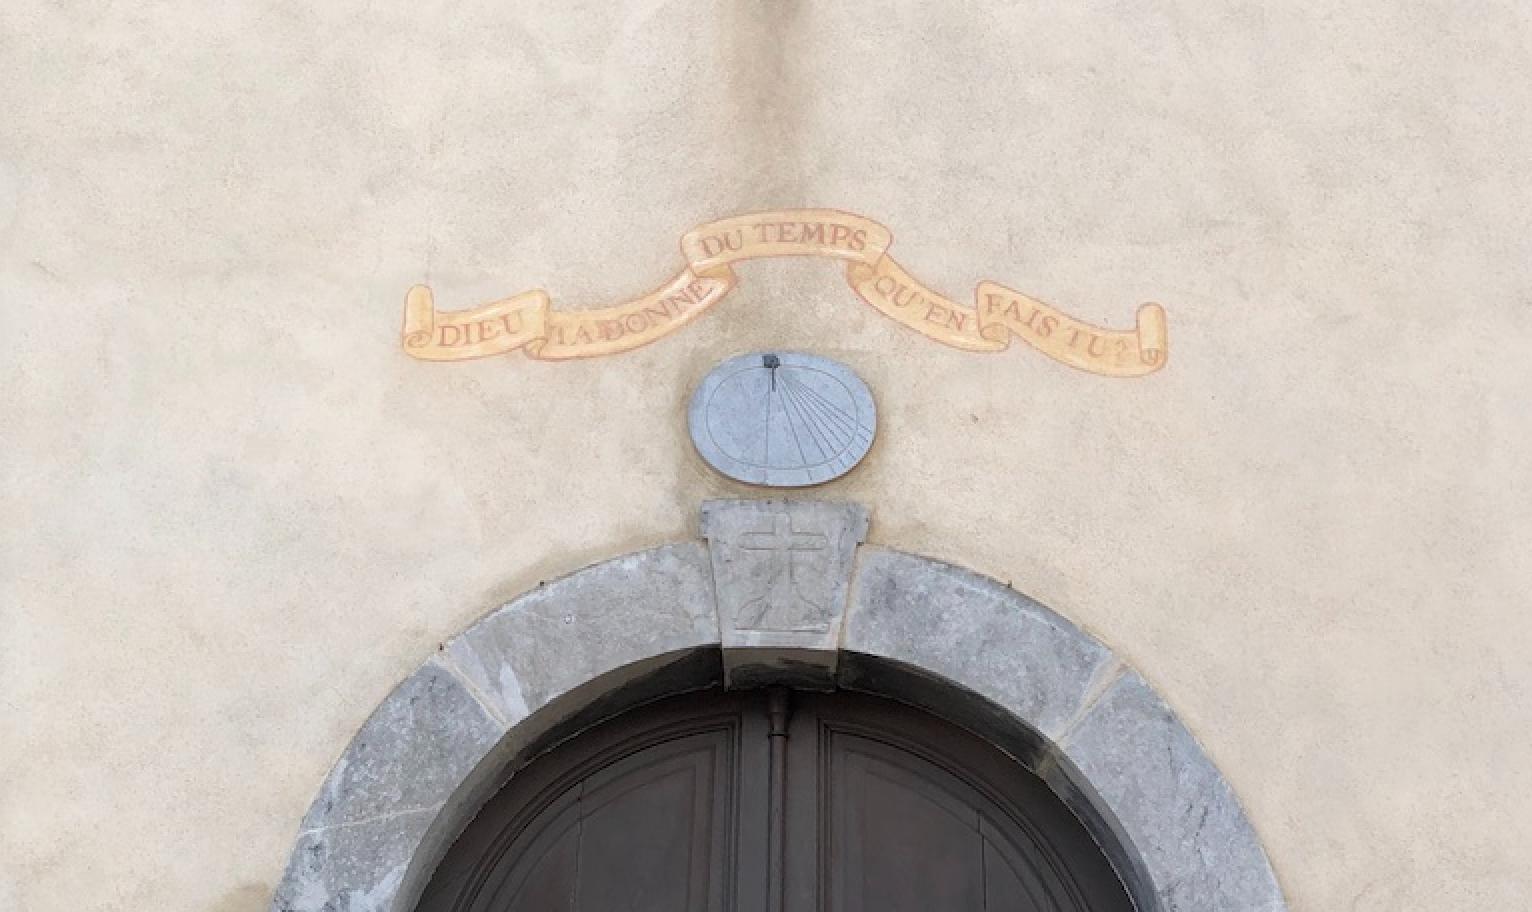 Qu'est-ce qui a le plus de valeur, la brique ou l'ouvrier ? Homélie du 3ème dimanche de Carême à St Bonnet en Champsaur.